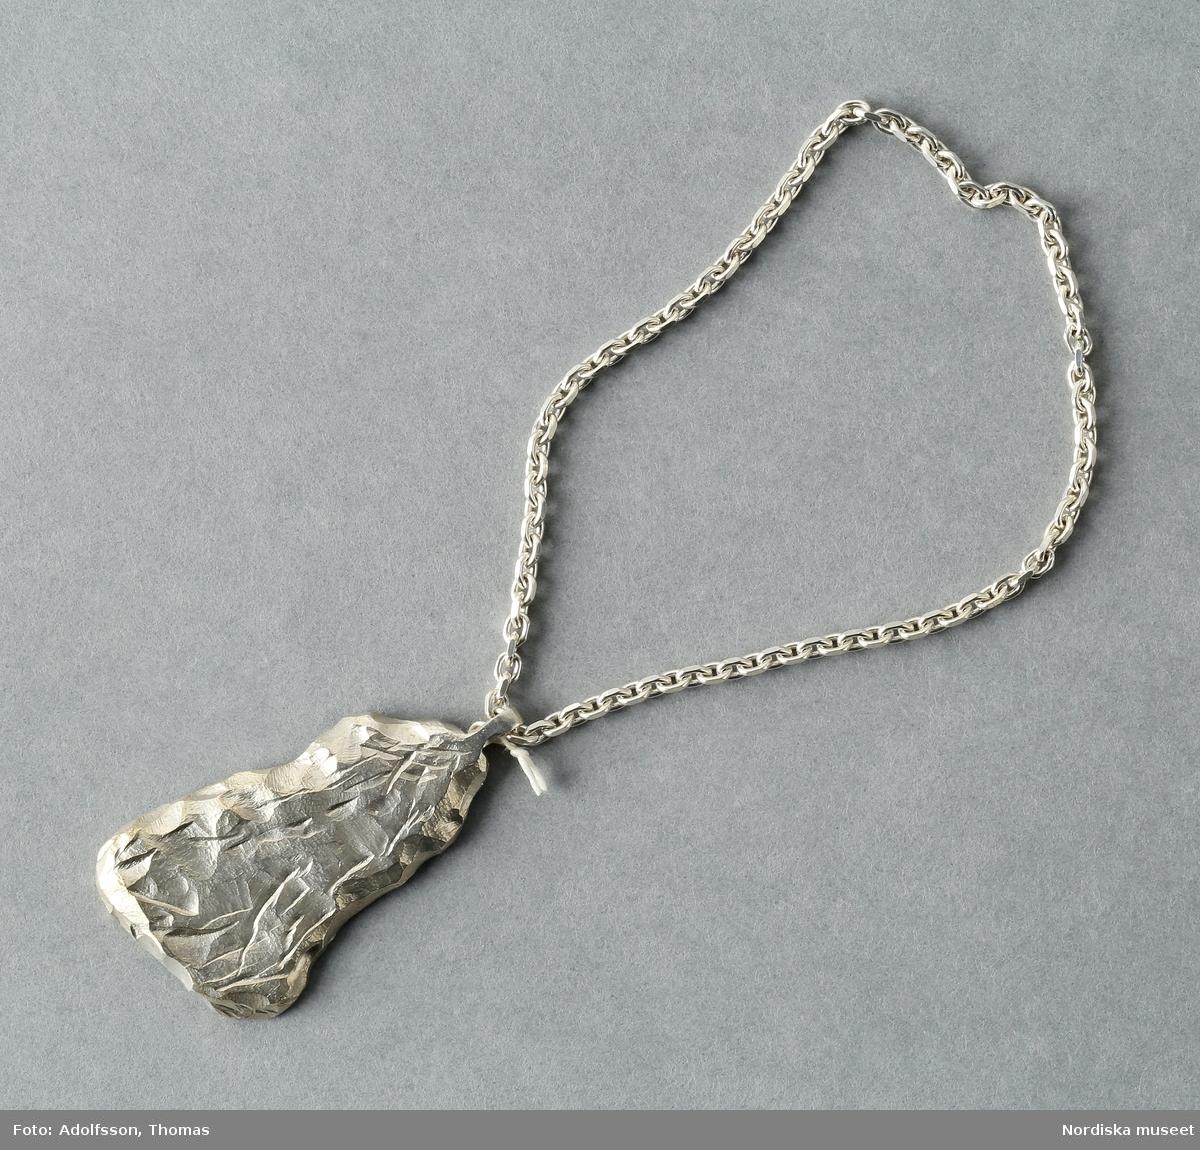 """Catelaine i form av hänge i silver i asymmetrisk avlång form, slät på baksidan, upptill ögla i vilken sitter en sluten silverkedja. På baksidan av hänget stämplat """"All_Blues"""" samt stadsstämpeln för Stockholm St Eriks-stämpeln och """"925"""" [anger silverhalten] /Leif Wallin 2015-02-10"""